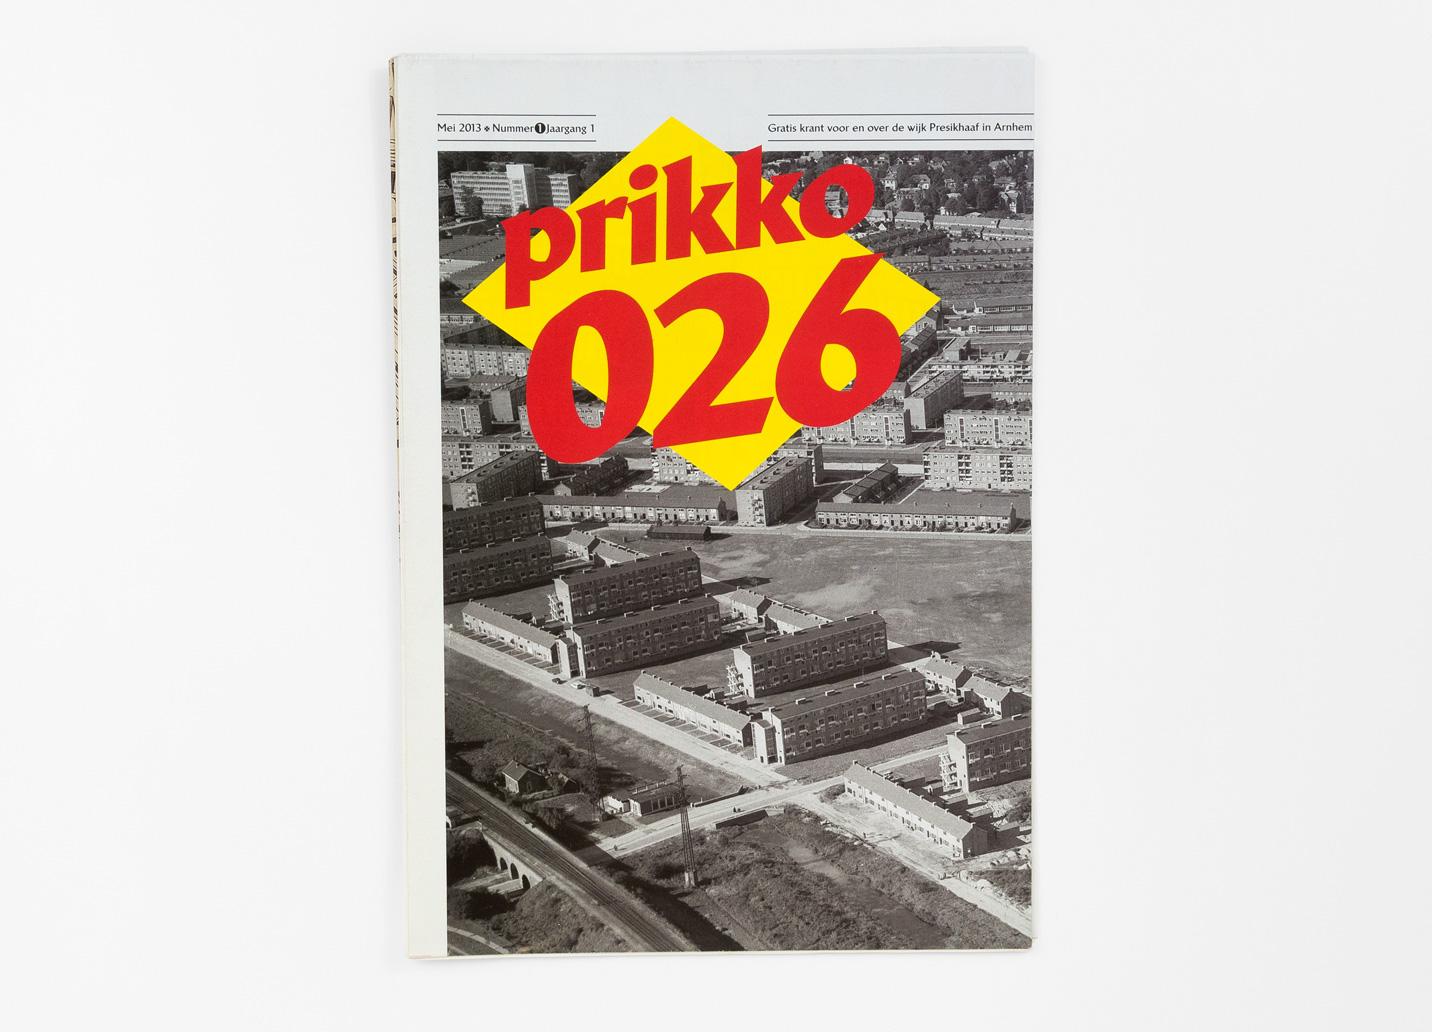 Prikko 026, dichtgevouwen